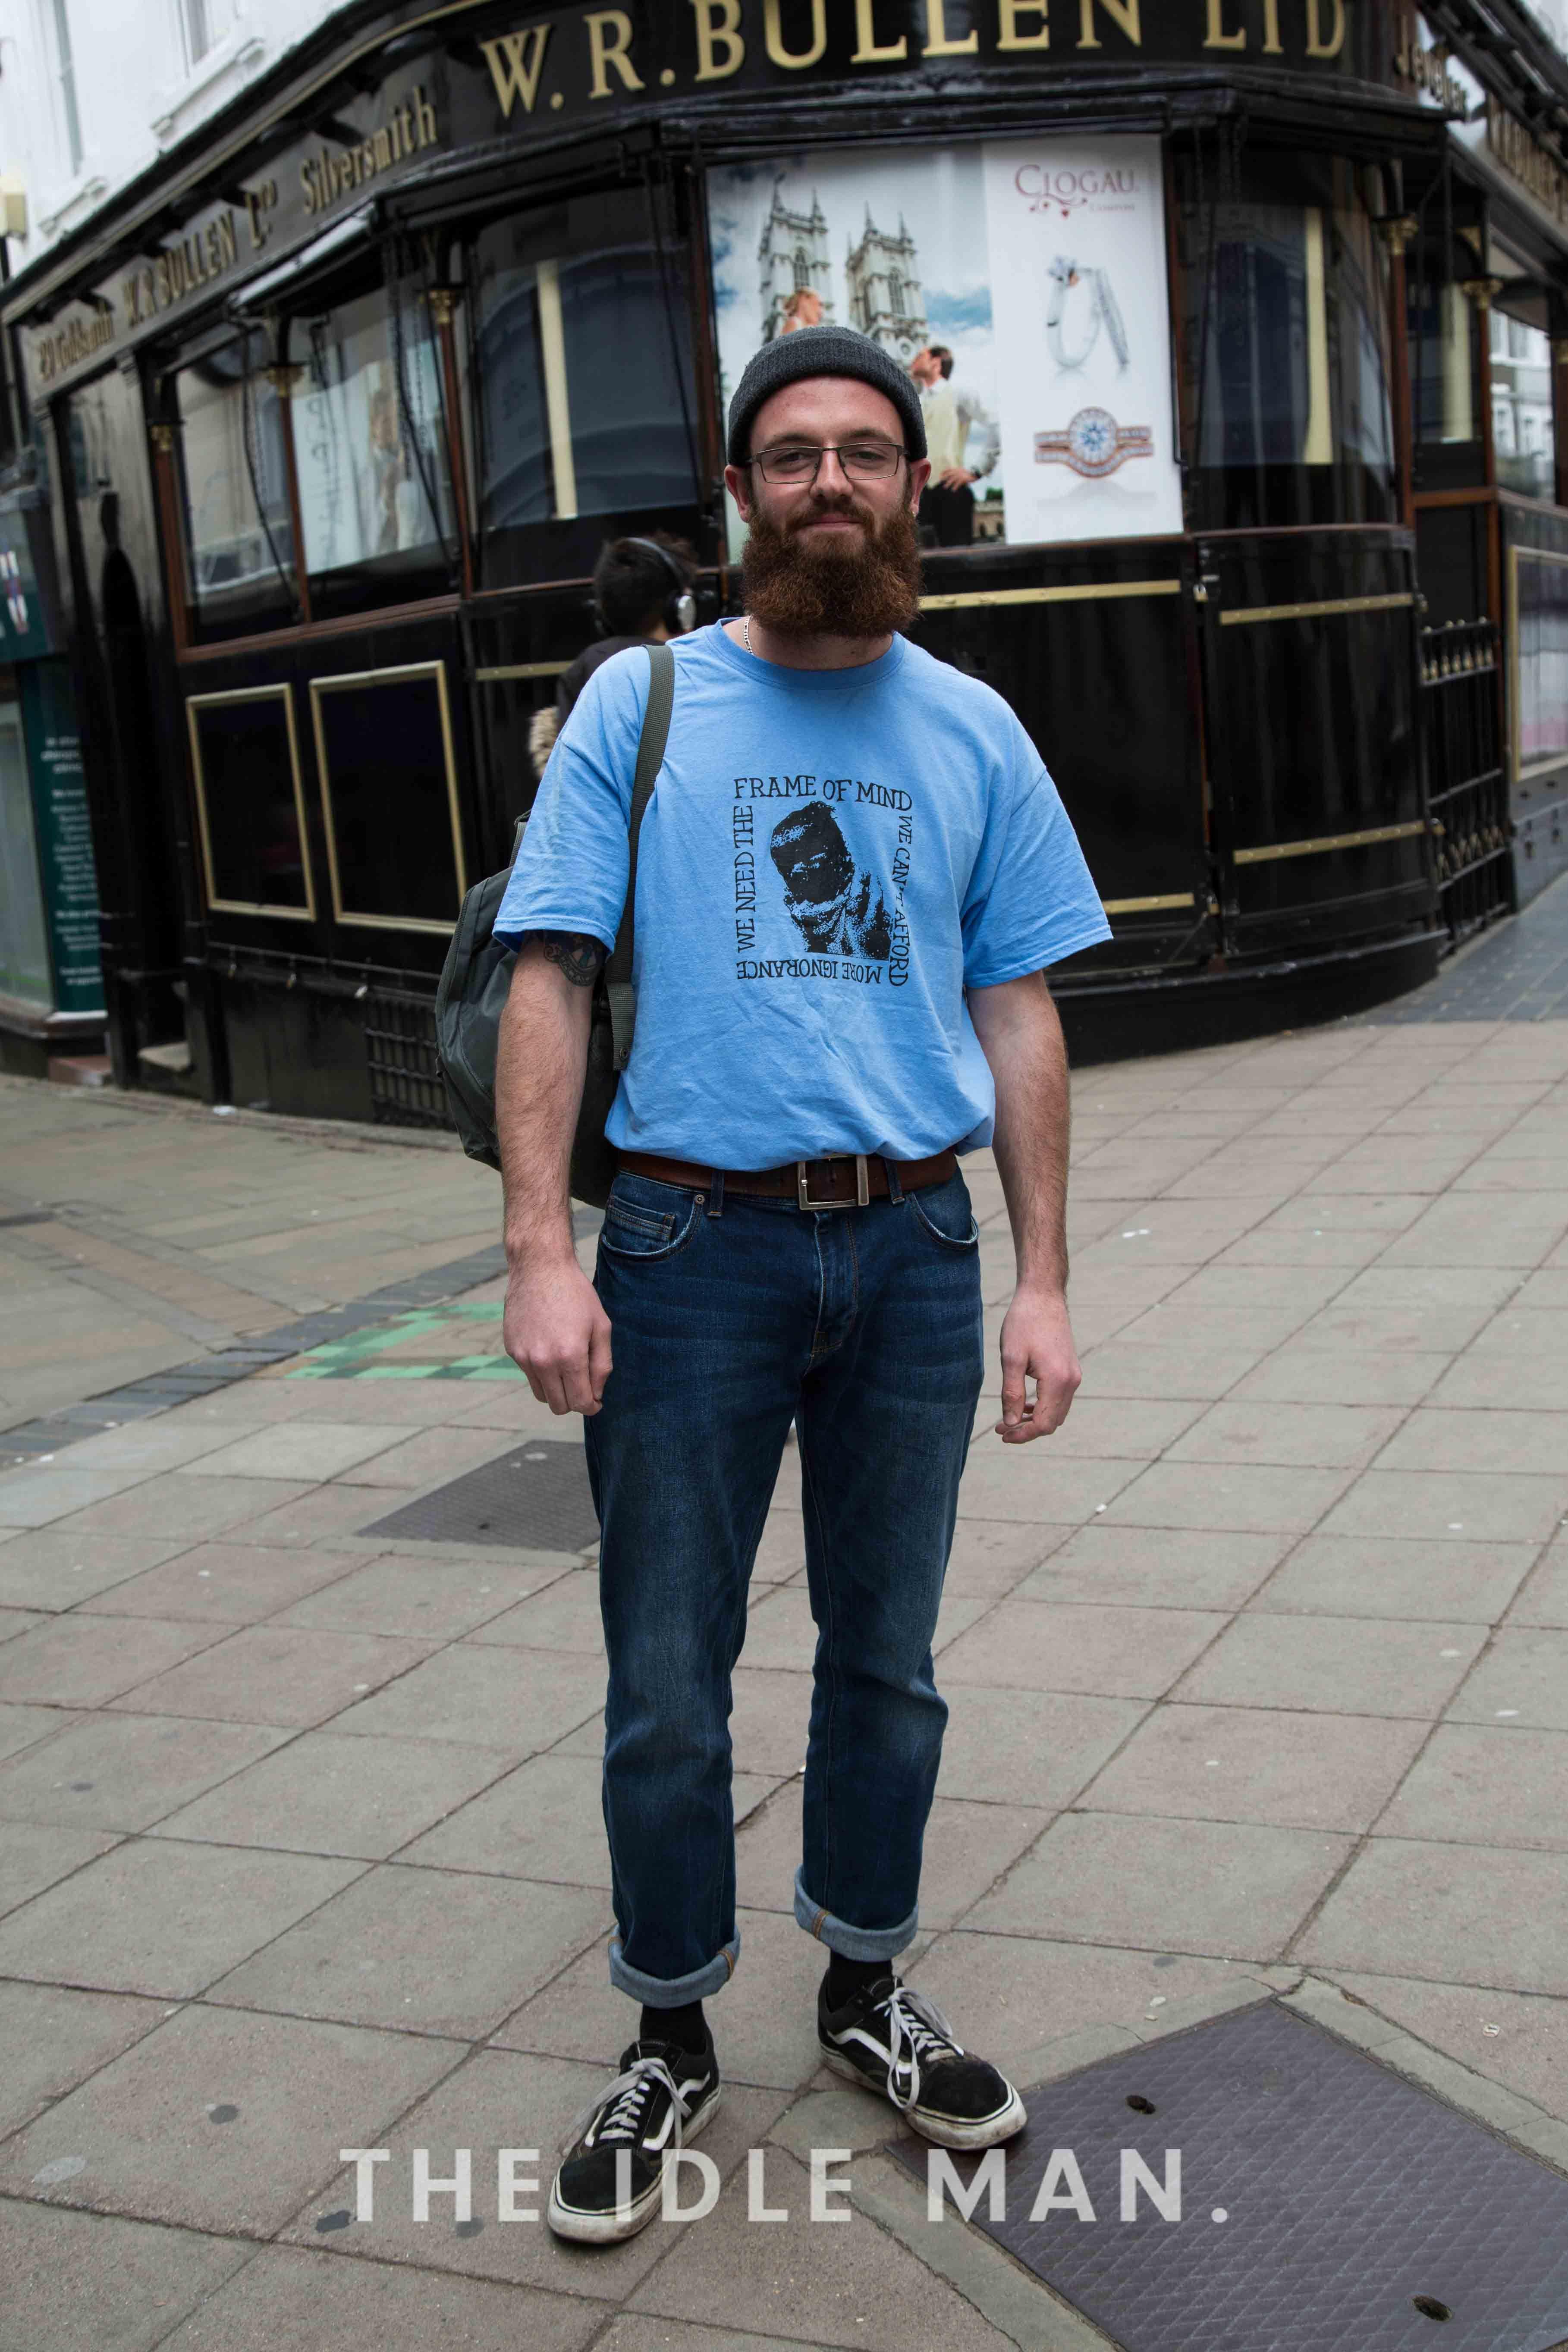 Men's Street Style | Old Skool This vintage old skool look